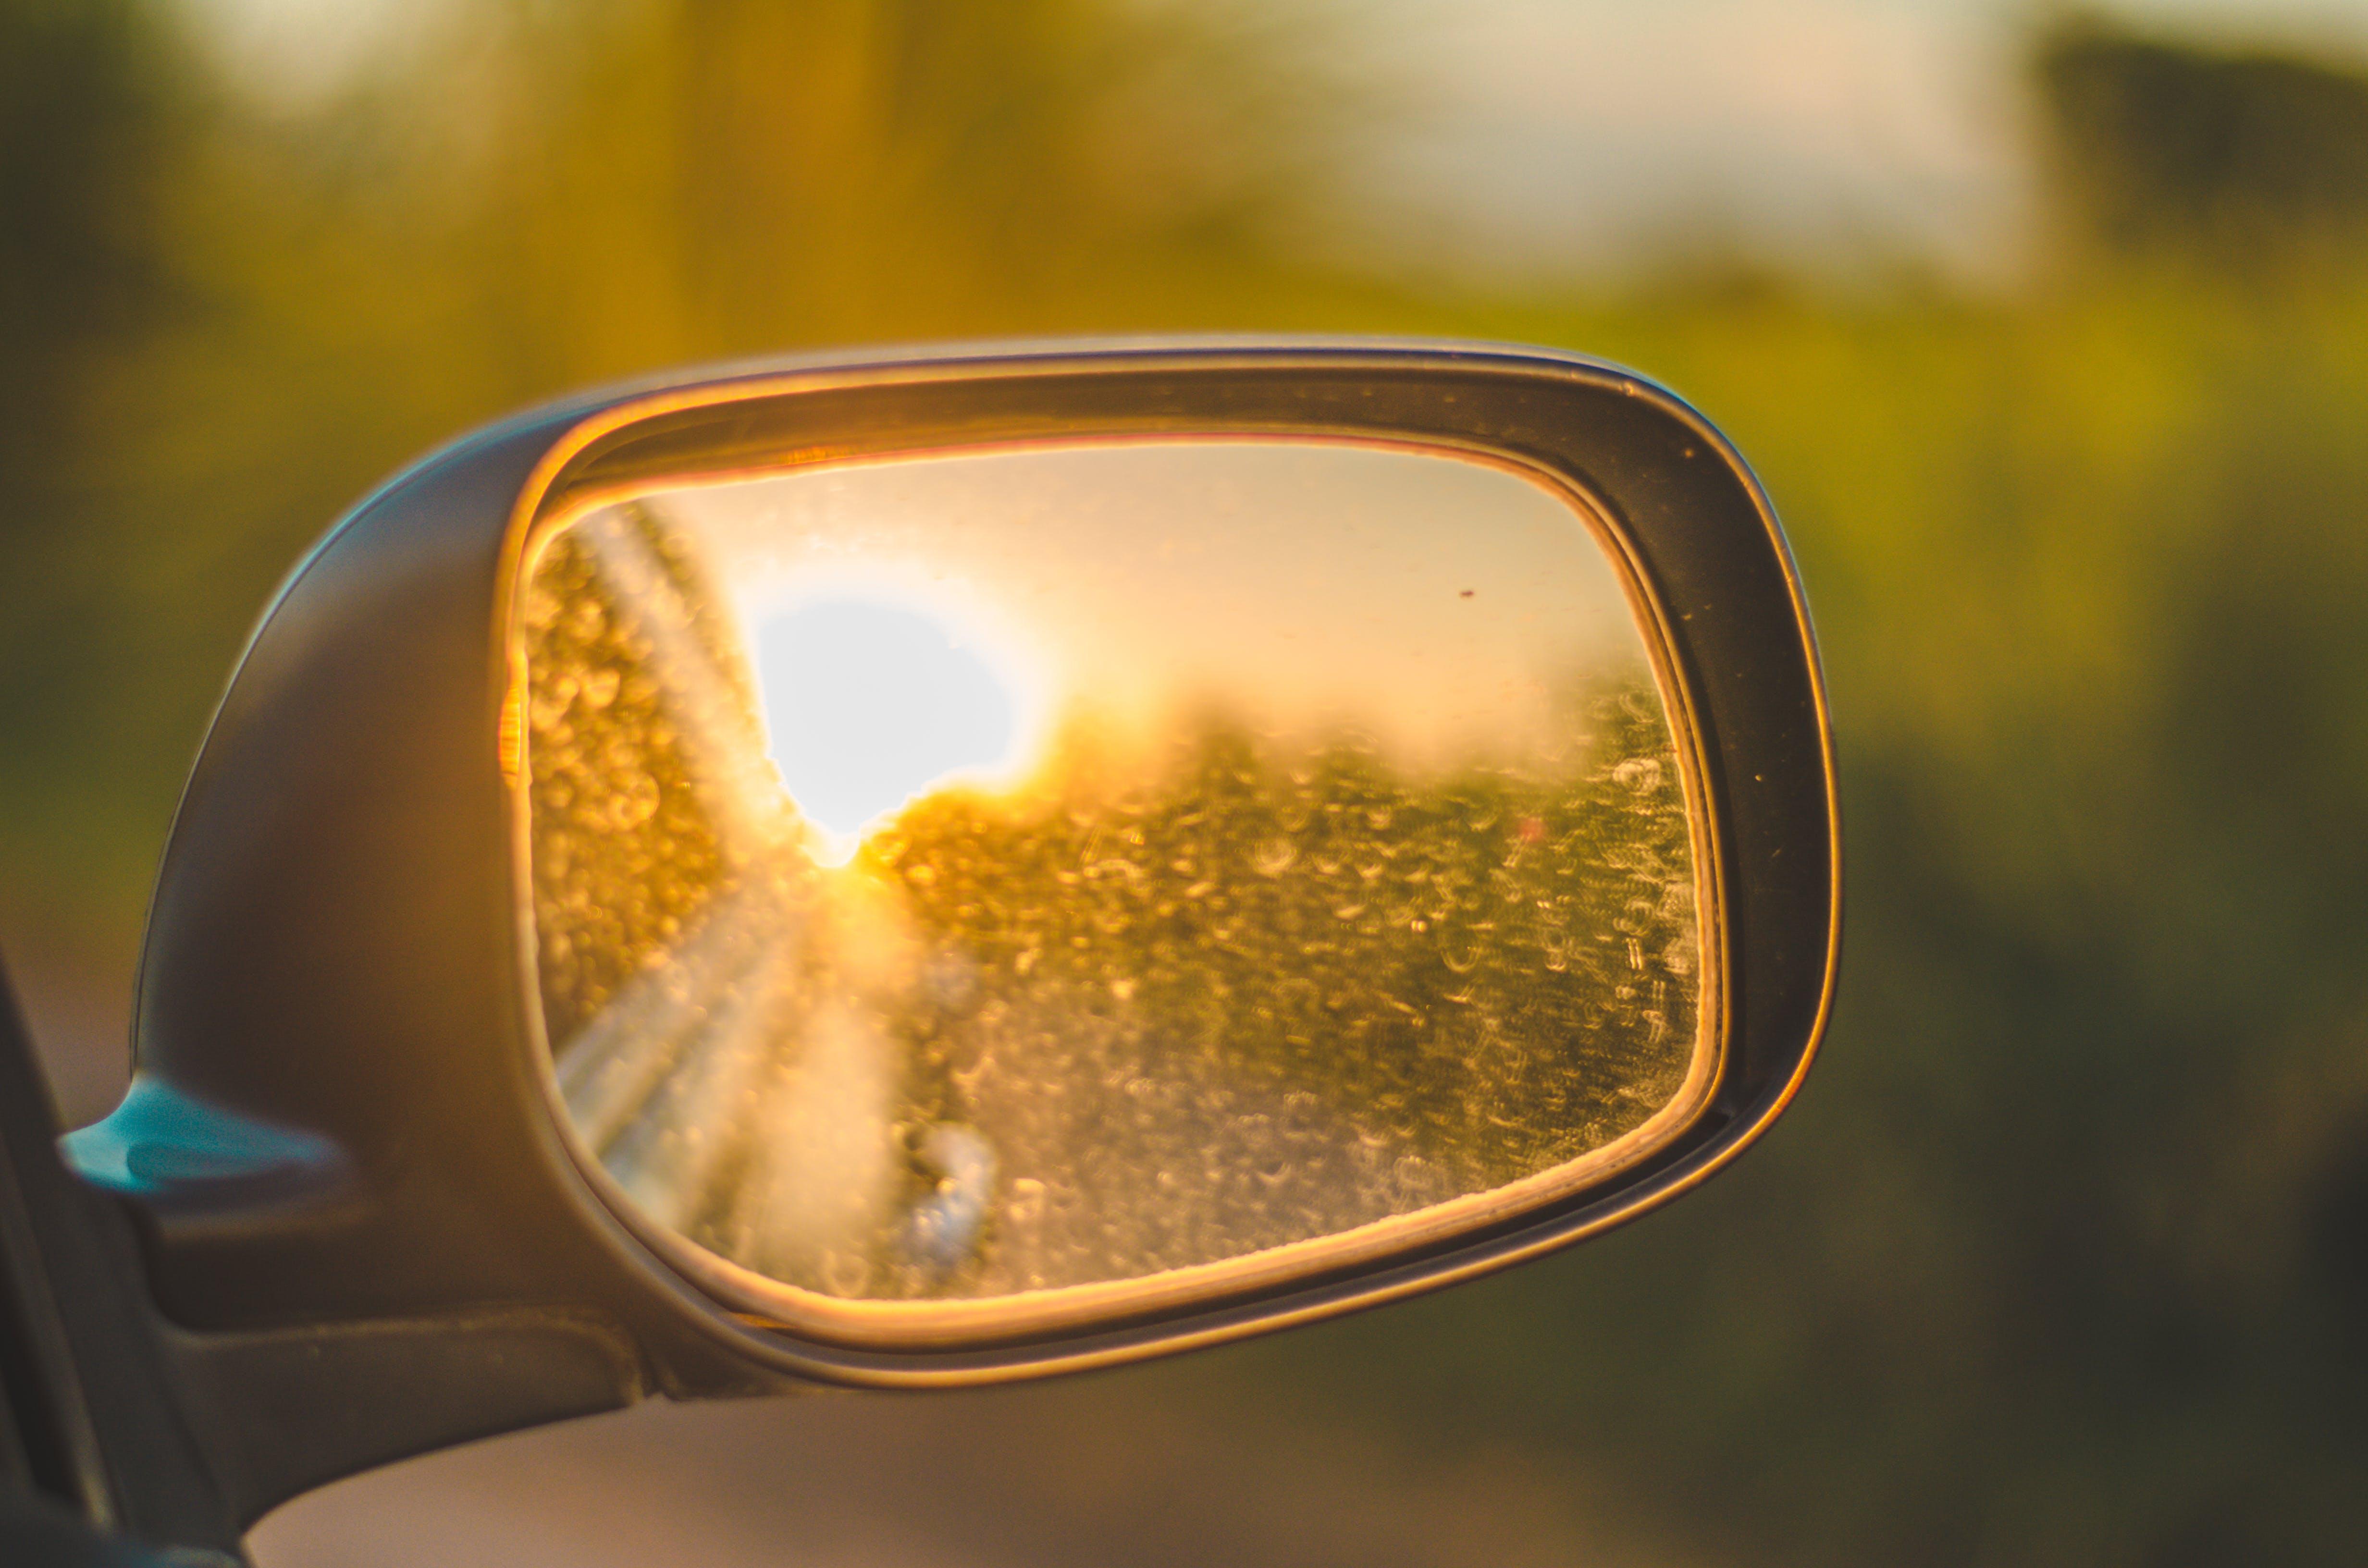 Kostenloses Stock Foto zu abendsonne, autospiegel, goldene sonne, reflektierung